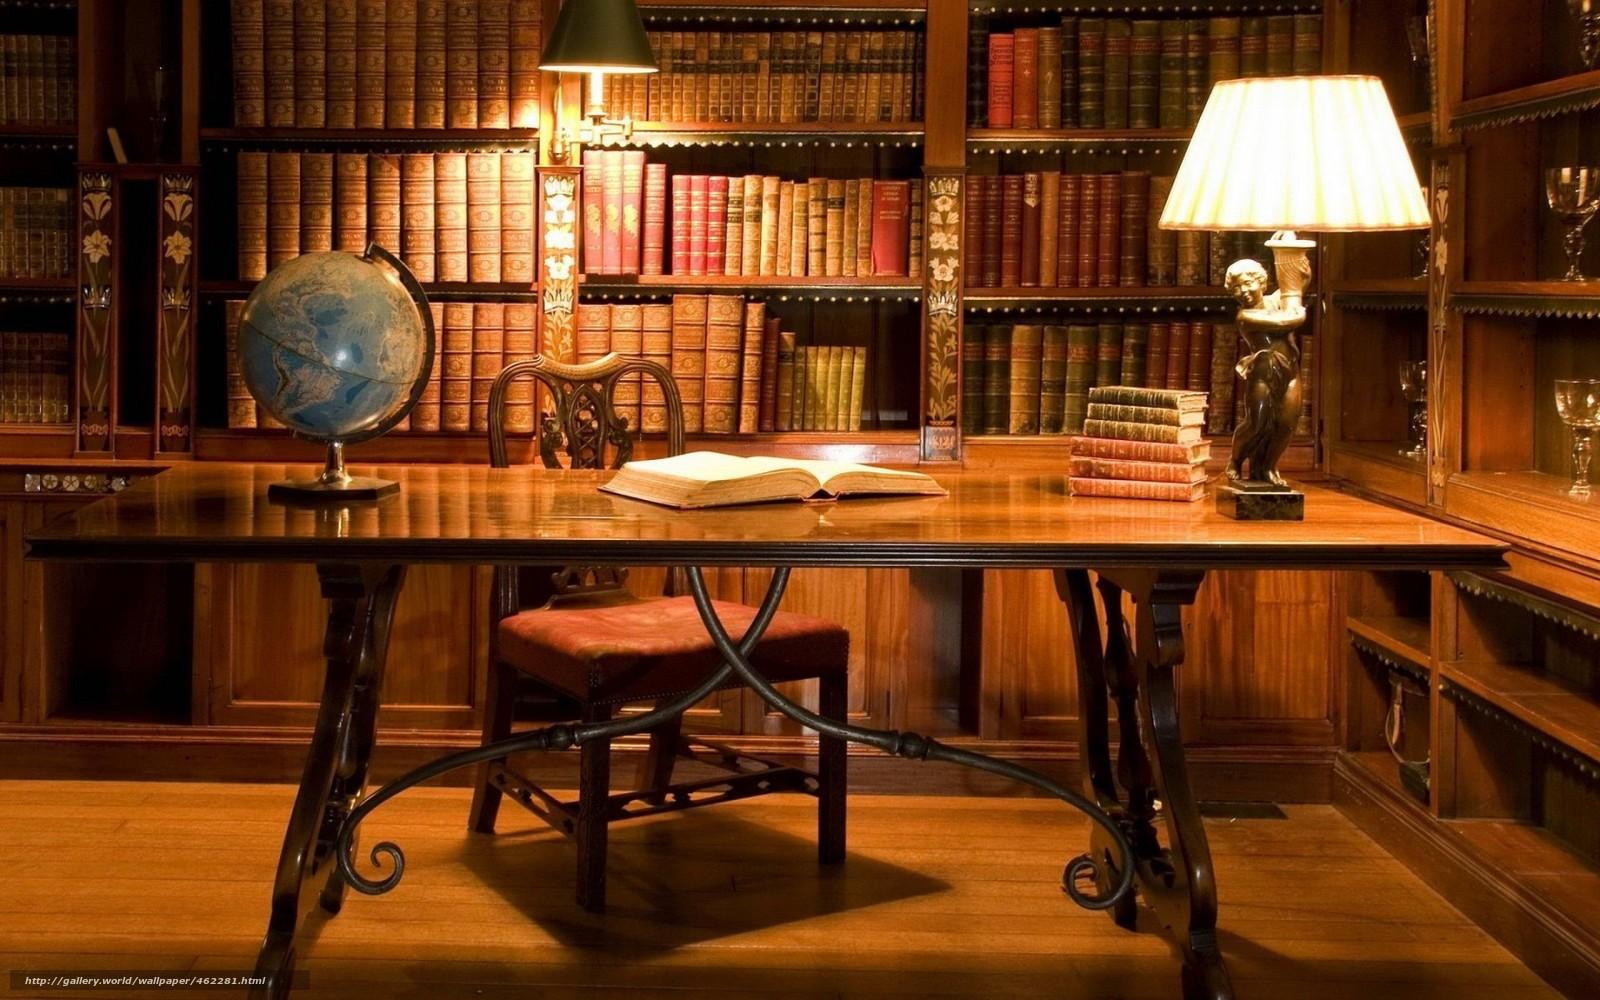 Descargar gratis gabinete,  Libros,  mesa,  lmpara Fondos de escritorio en la resolucin 1680x1050 — imagen №462281